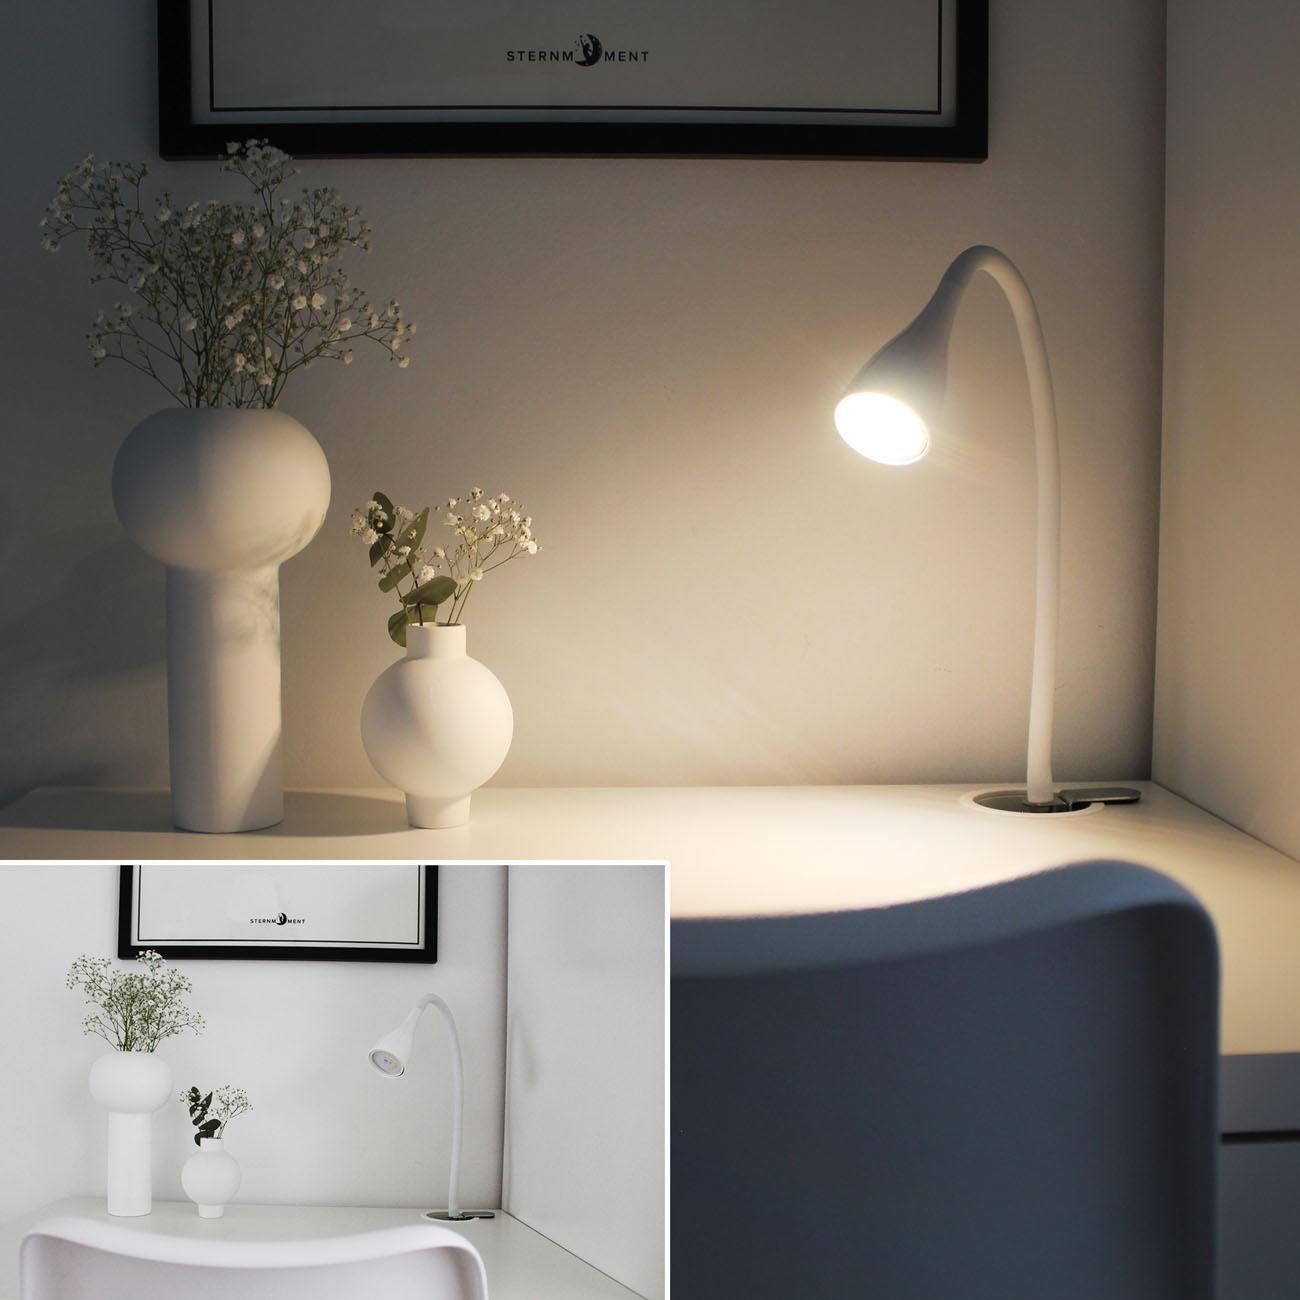 LED Klemmleuchte schwenkbar weiß GU10 - 6